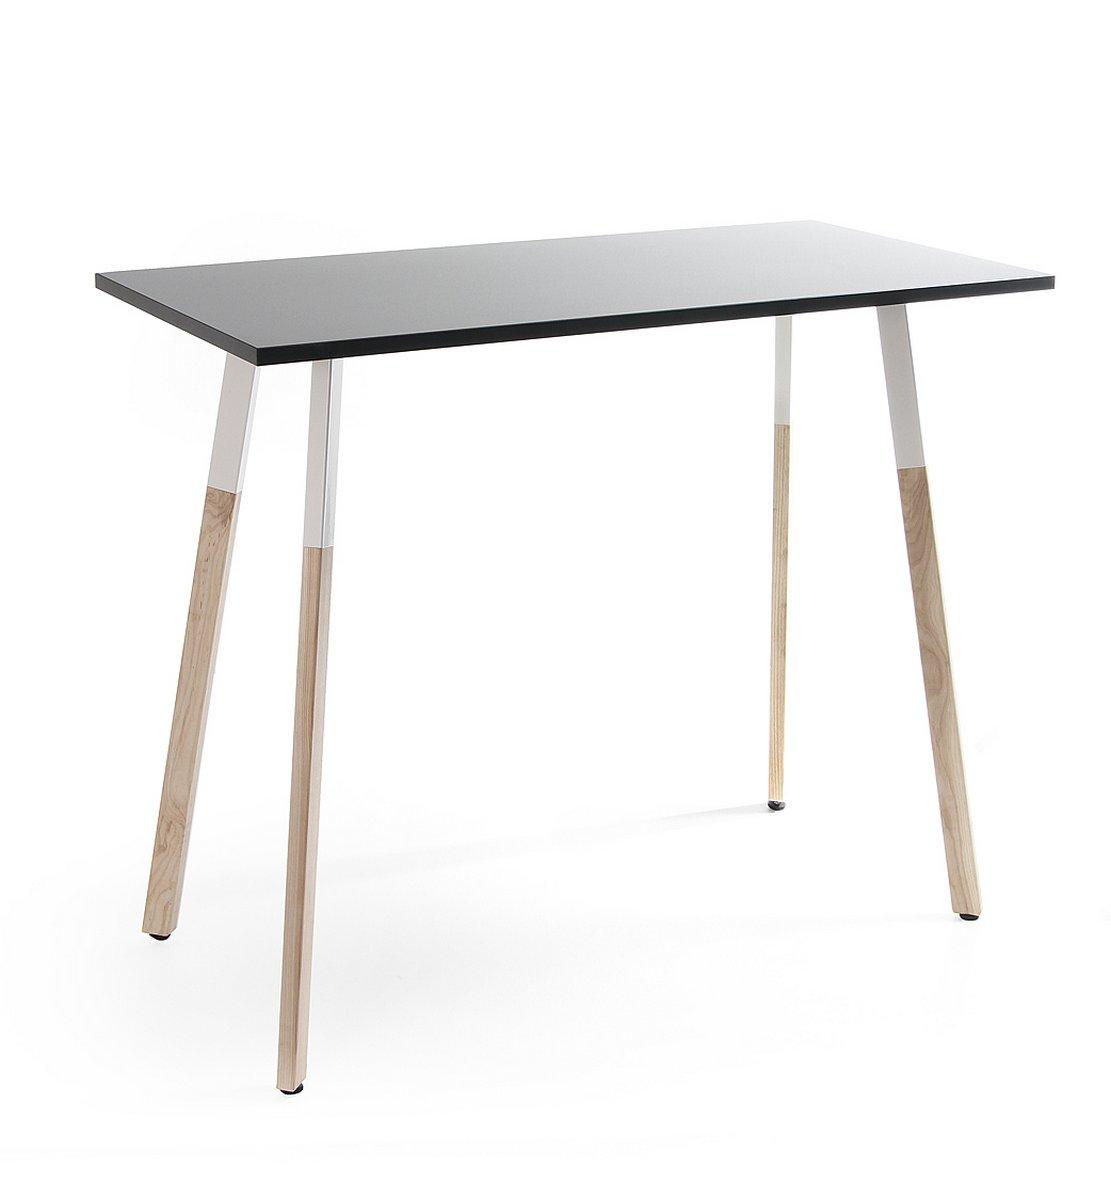 Stół wysoki kawiarniany ORTE, stół wysoki Orte,